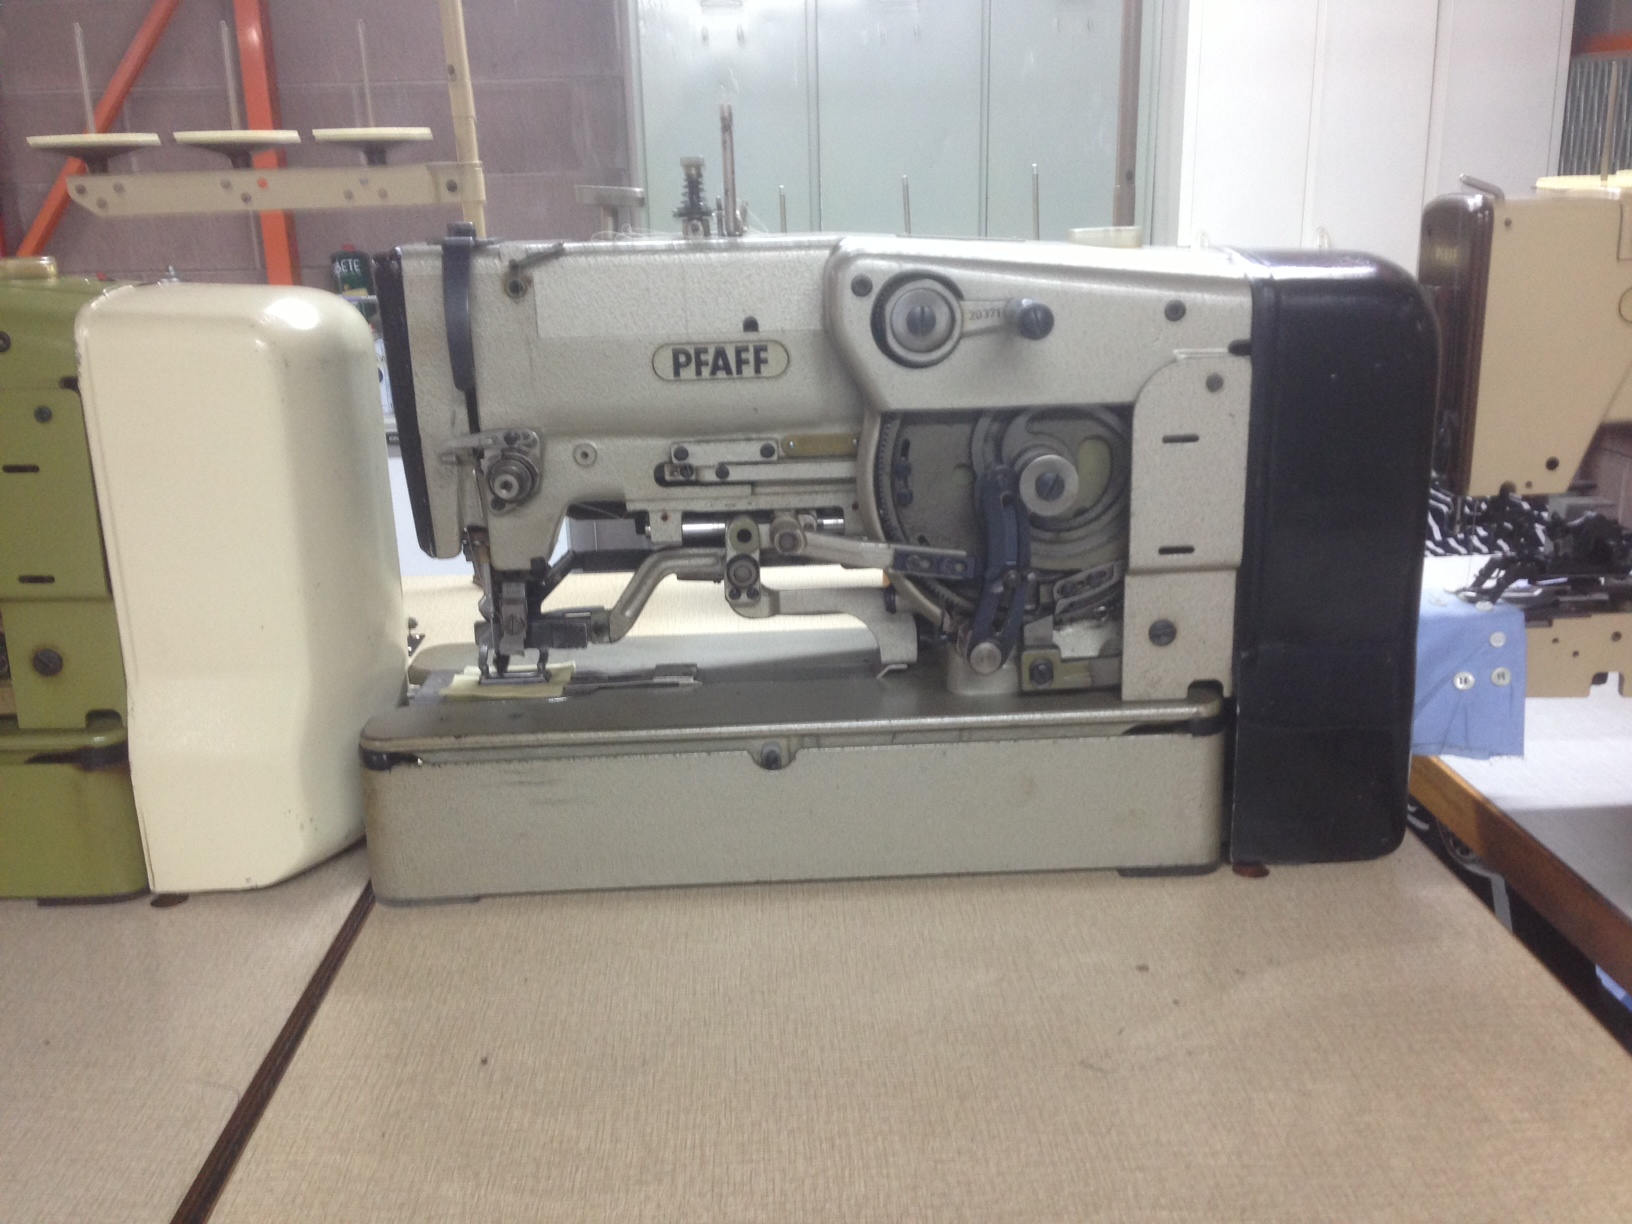 Macchine per cucire pfaff juki bernina industriali for Pfaff macchine per cucire